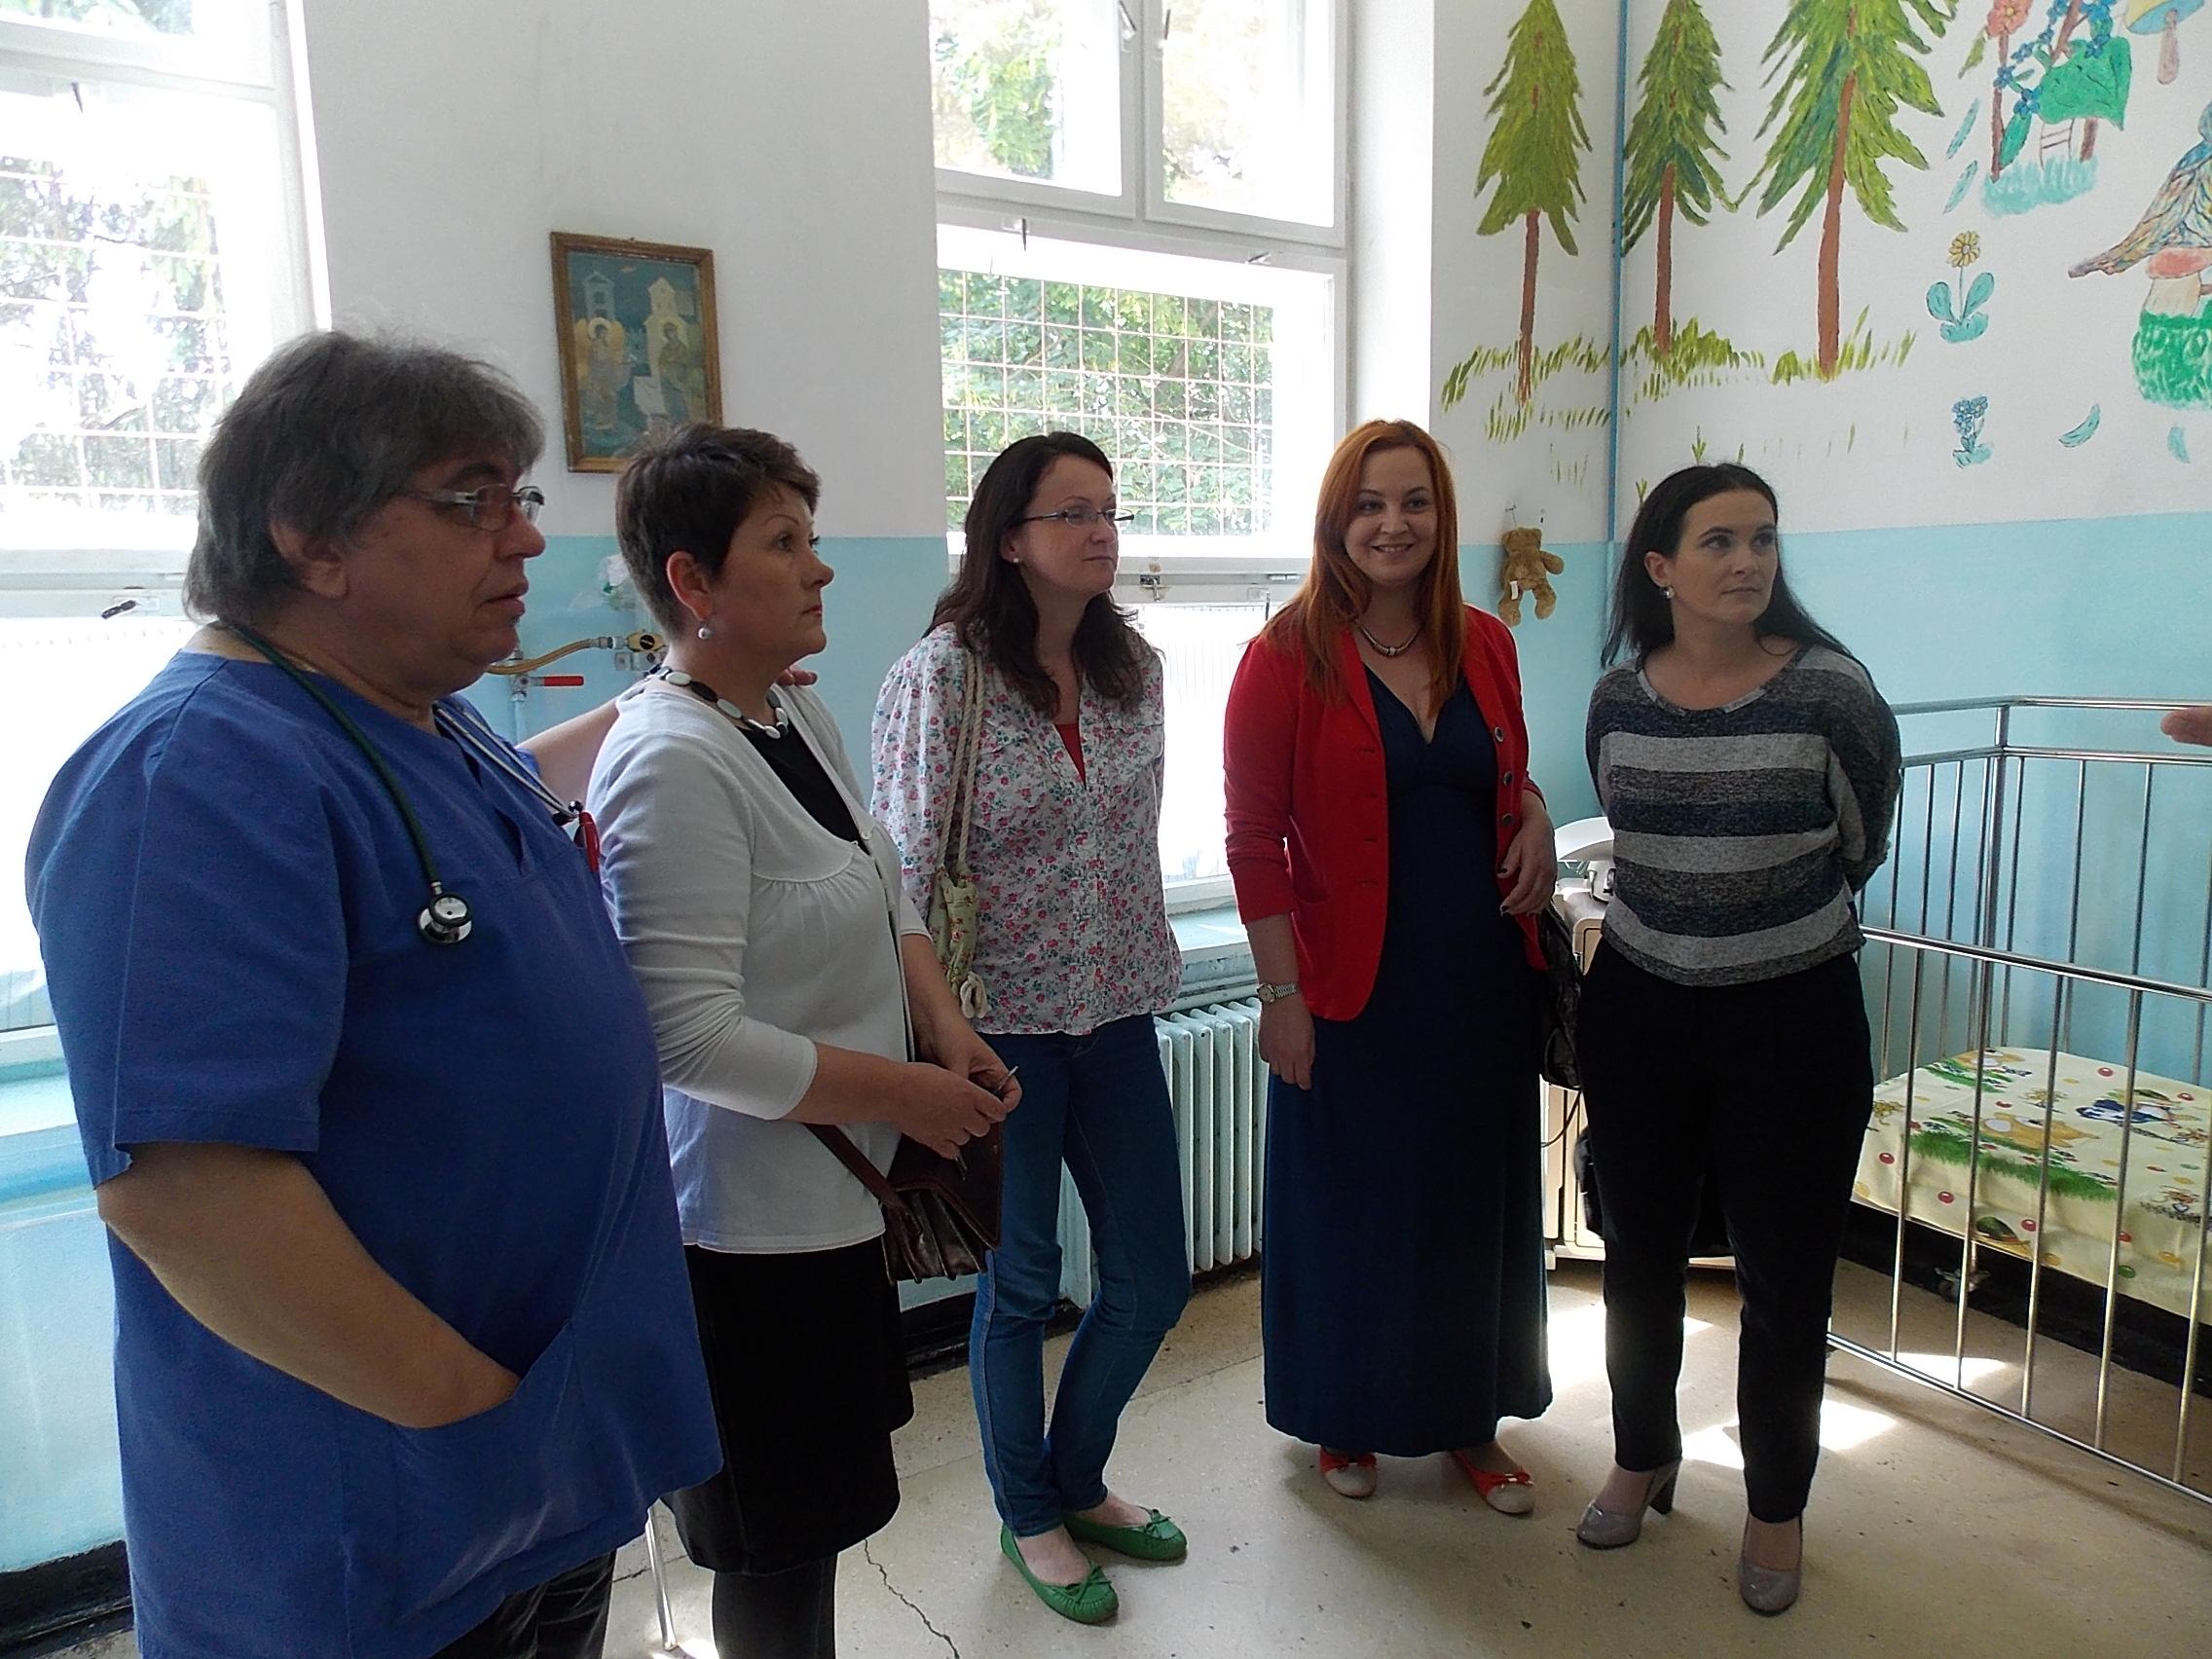 Donaţie pentru Spitalul Municipal Dr. Aurel Tulbure Făgăraş